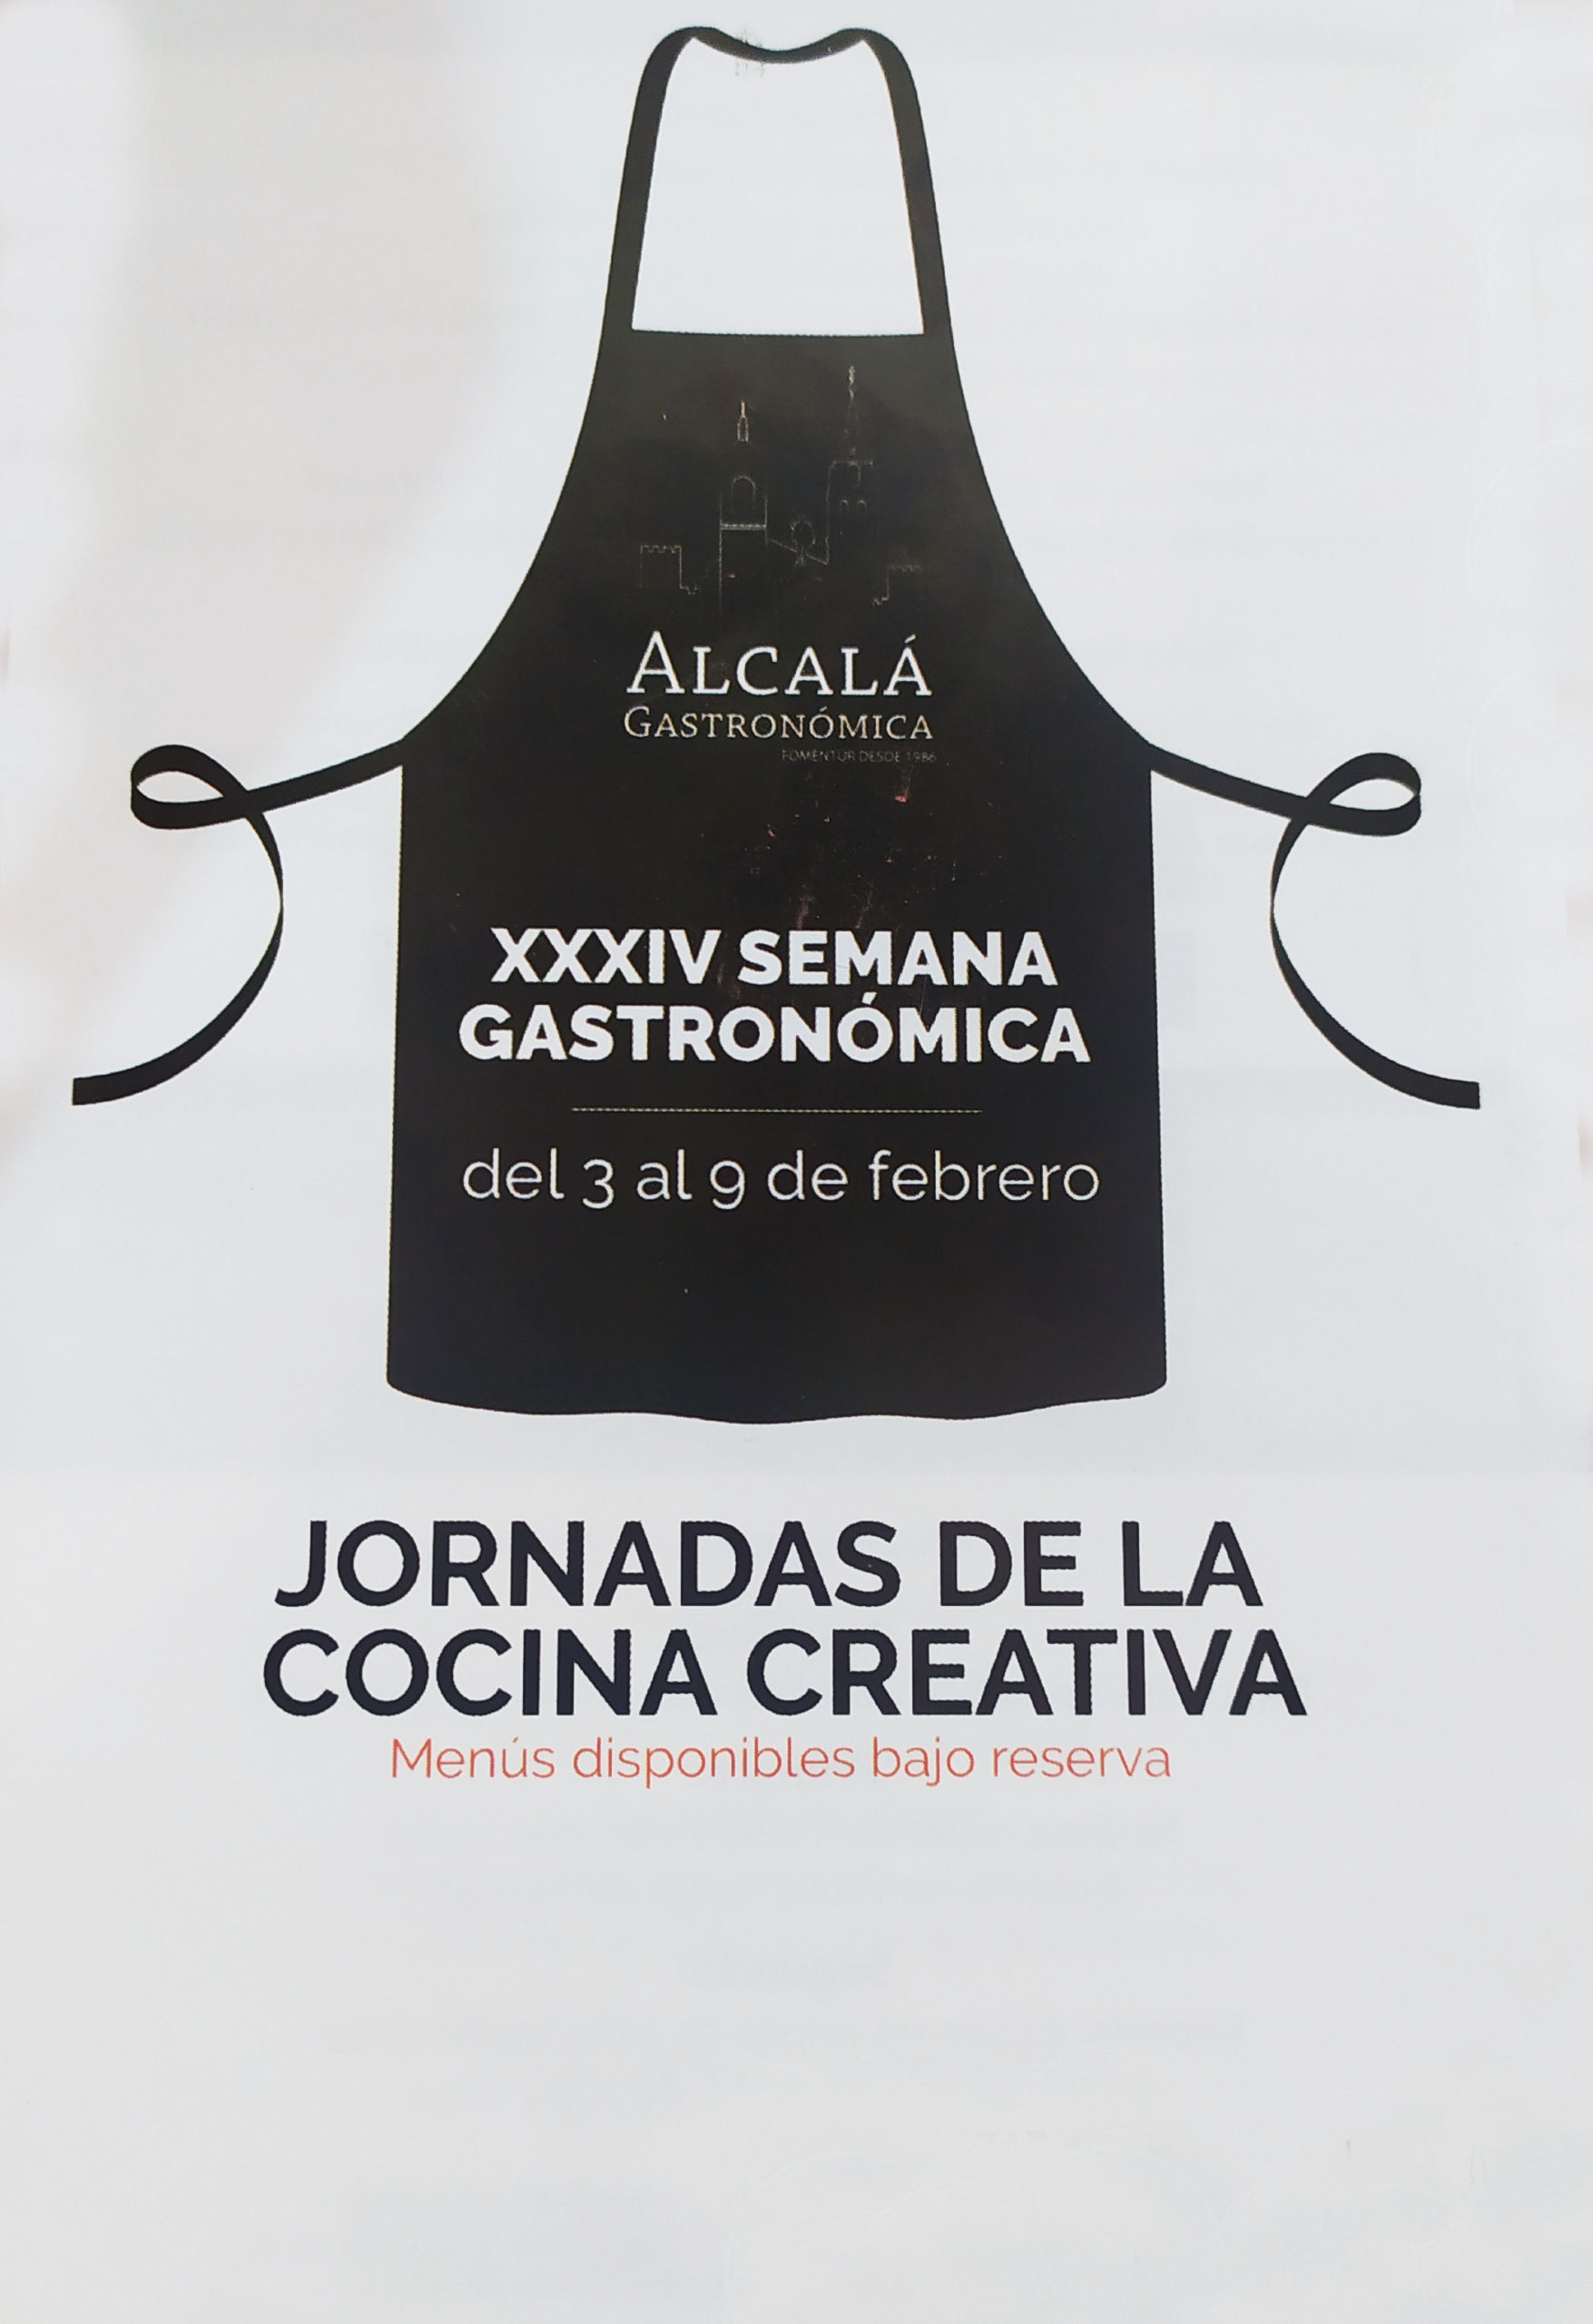 XXXIV Semana Gastronómica de Alcalá de Henares